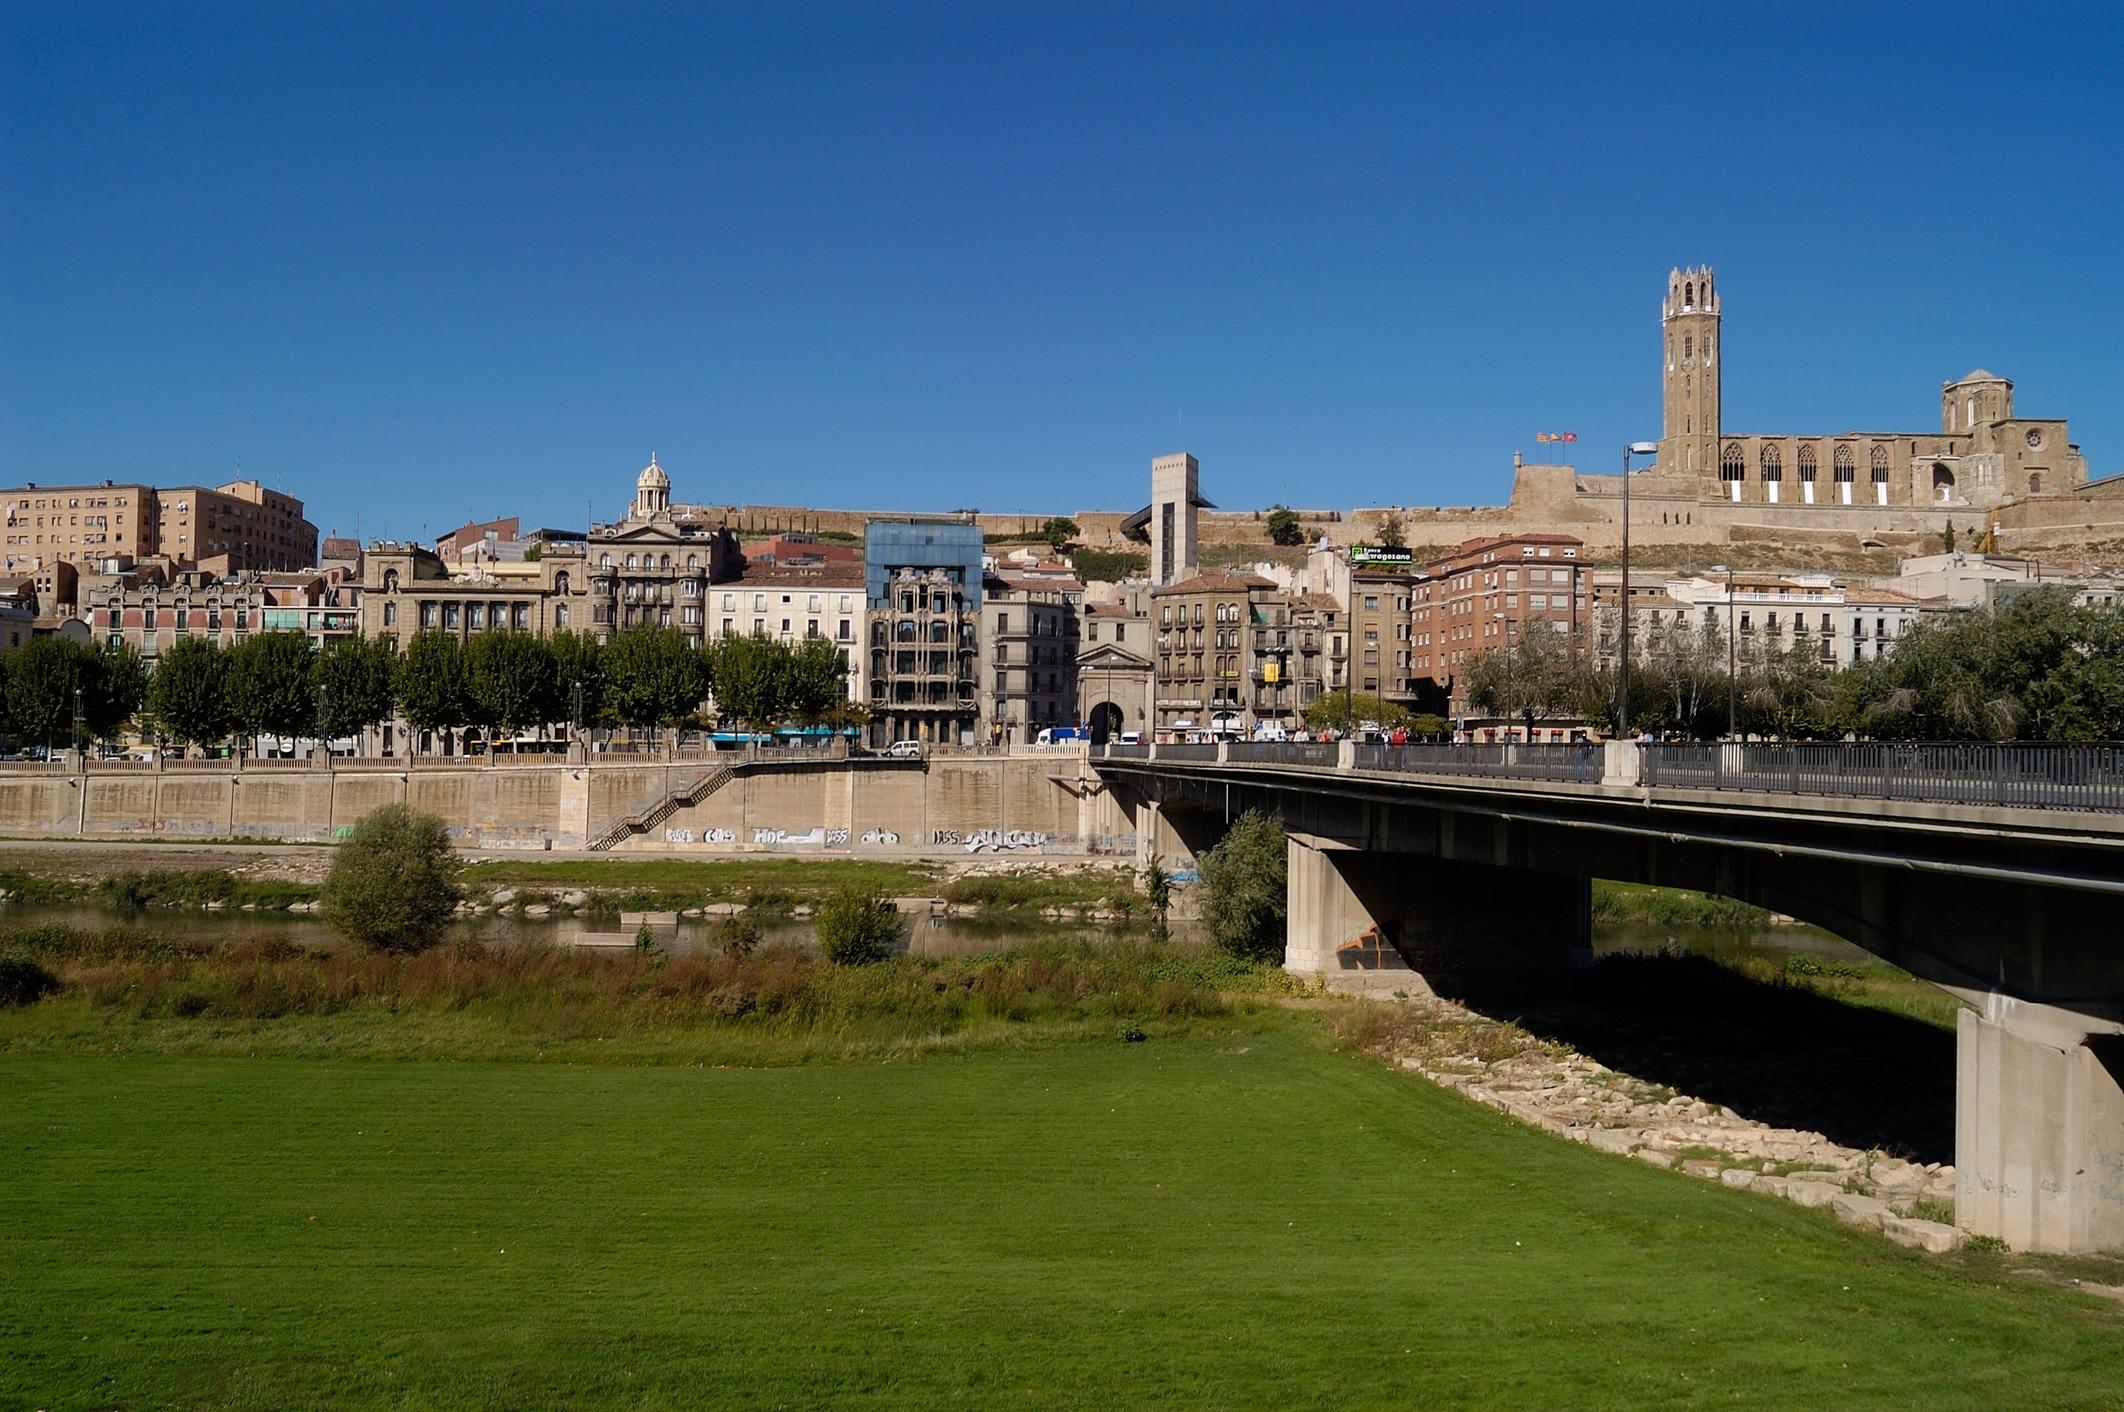 Anuncios Contactos Lleida lleida, una ciudad llena de encantos | bbva